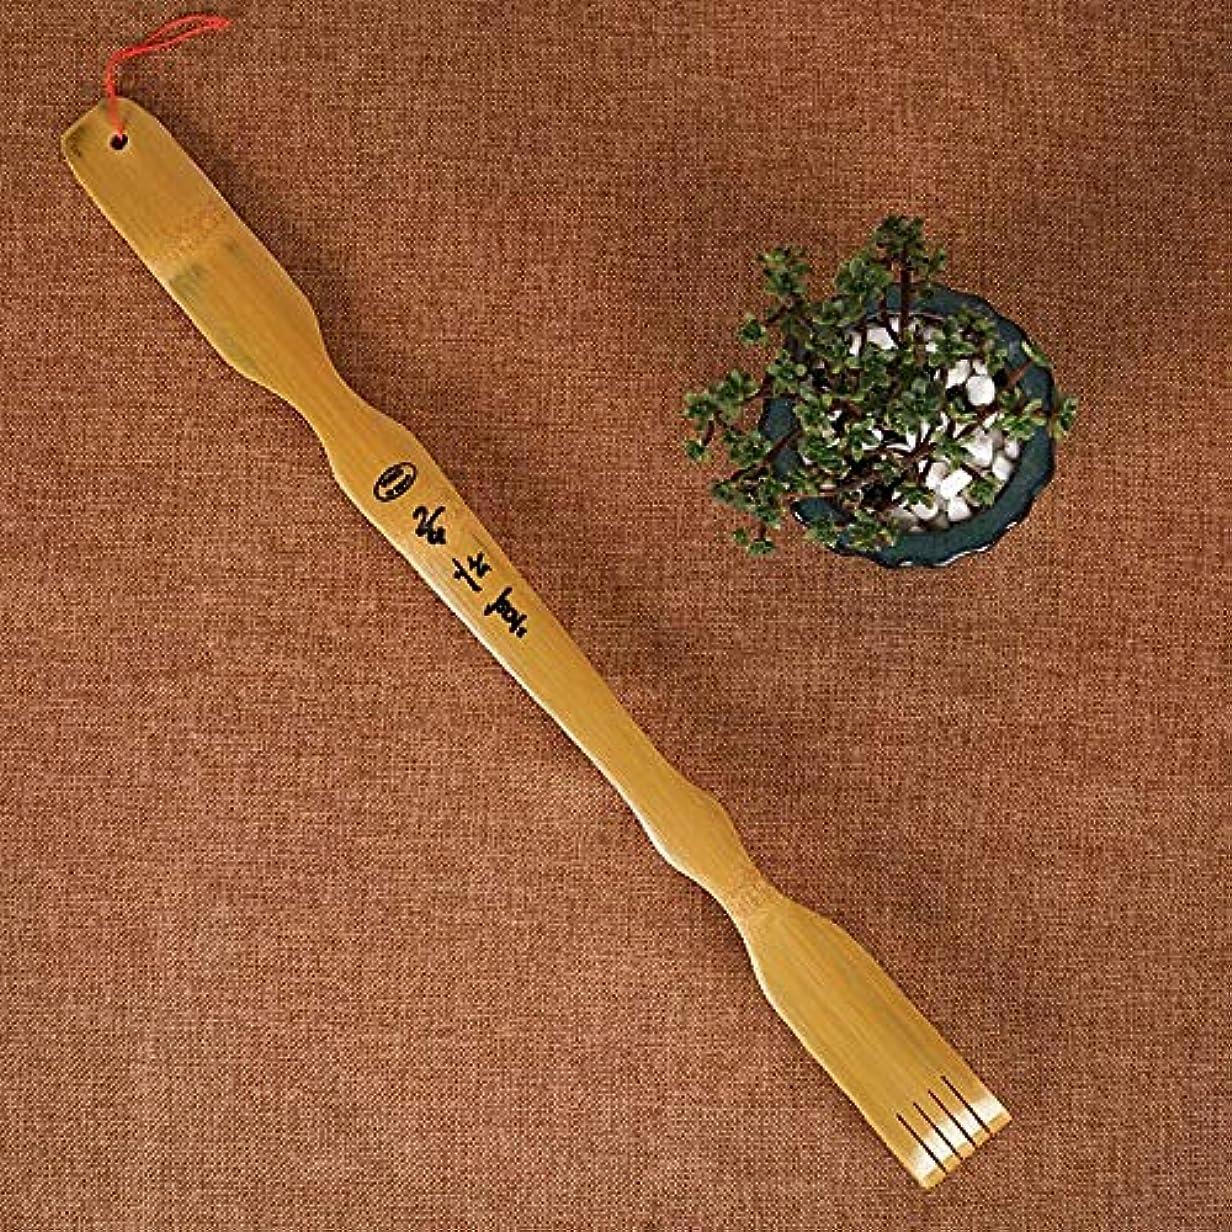 花婿始まりカールRuby背中掻きブラシ 竹製 まごのて 敬老の日 プレゼント高人気 背中かゆみを止め マッサージ用